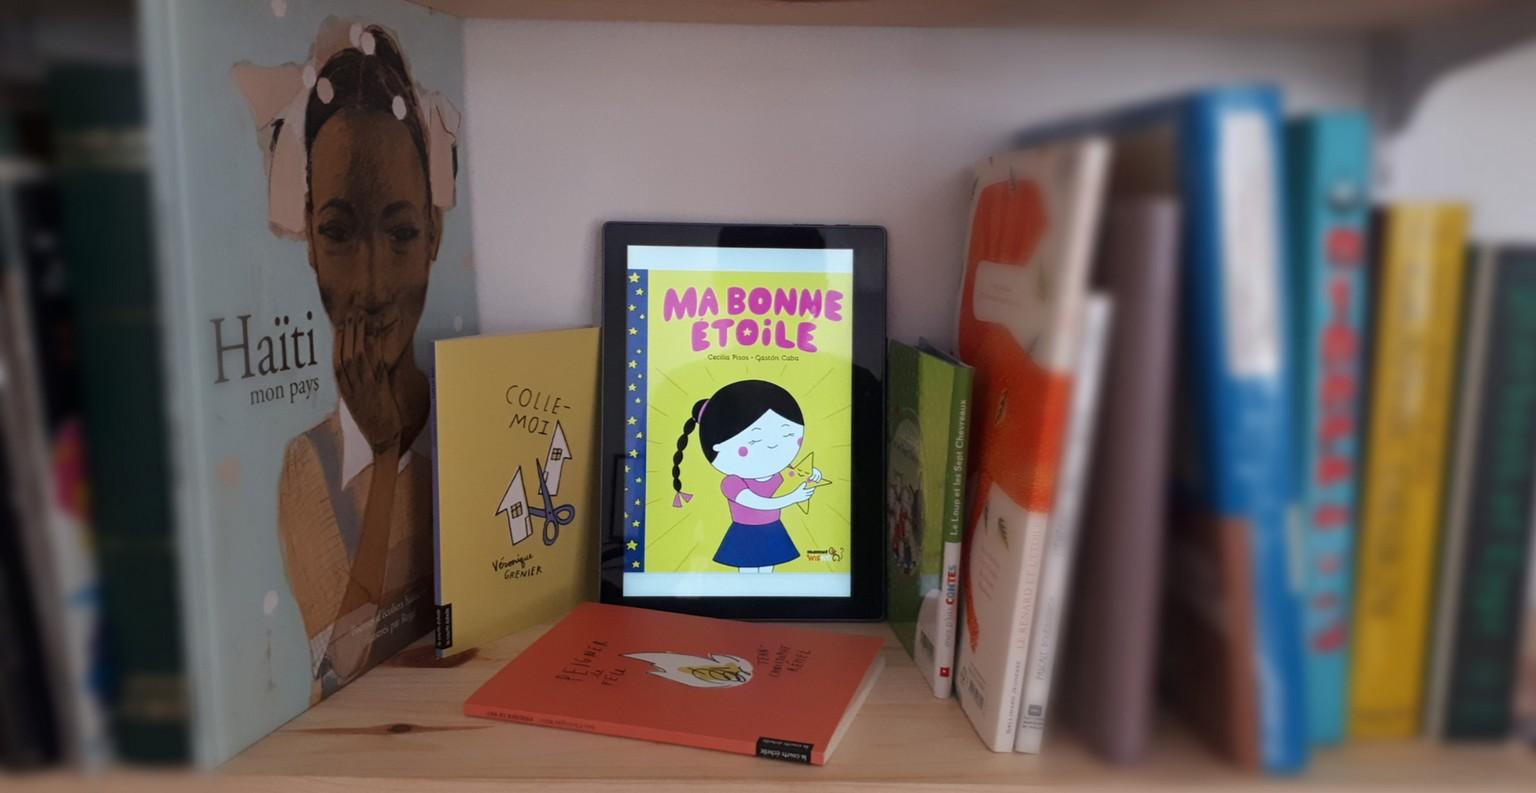 Quelques livres pour faire découvrir aux enfants la poésie des mots. ©AL